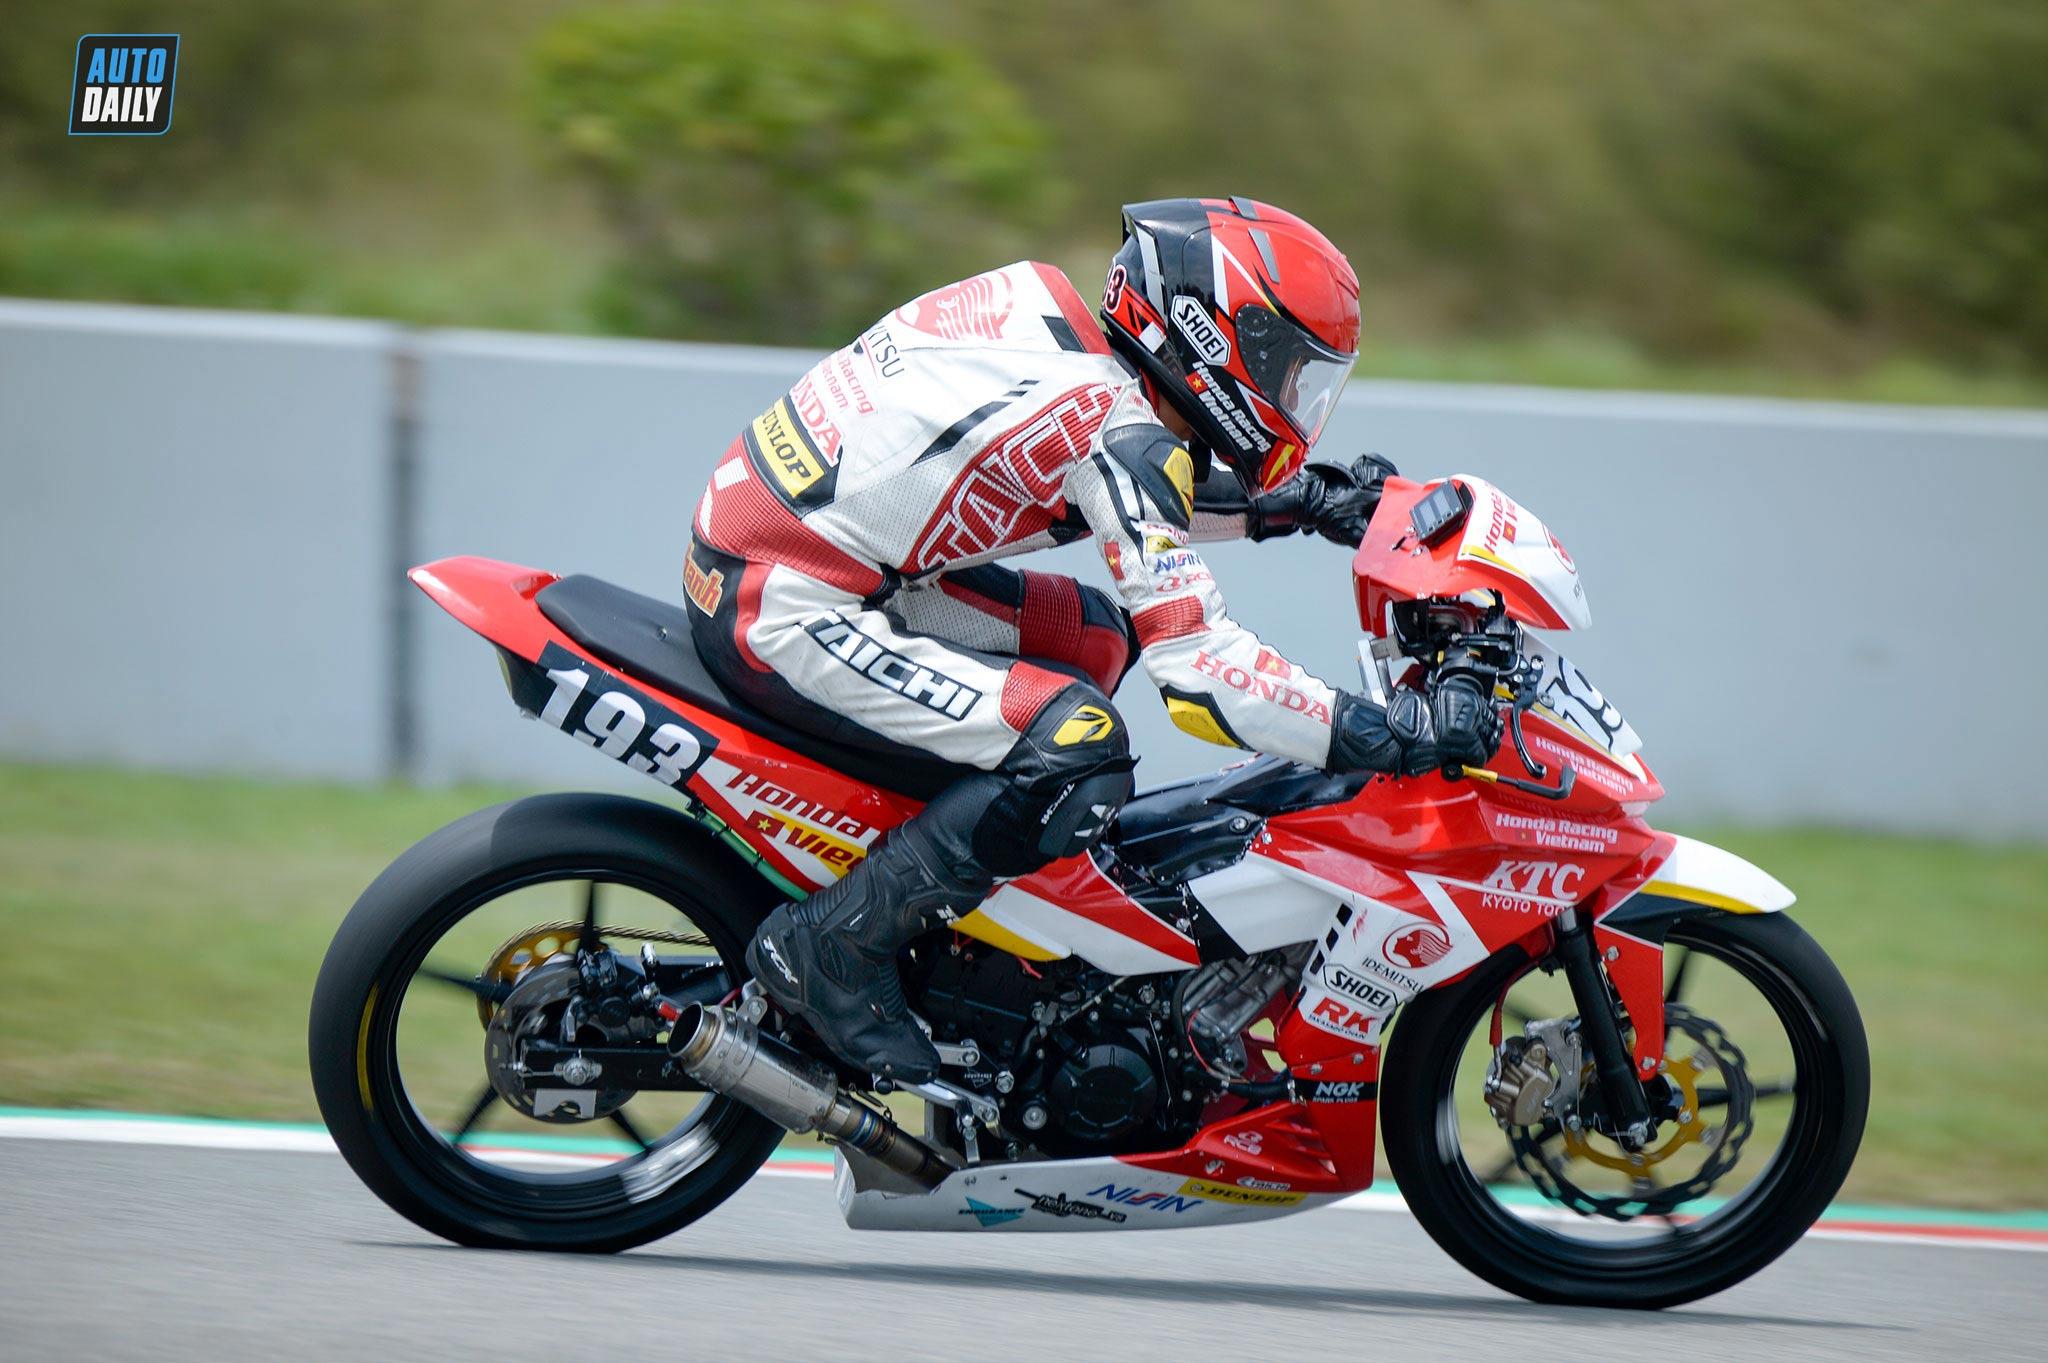 arrc-2019-race2-autodaily-02.jpg